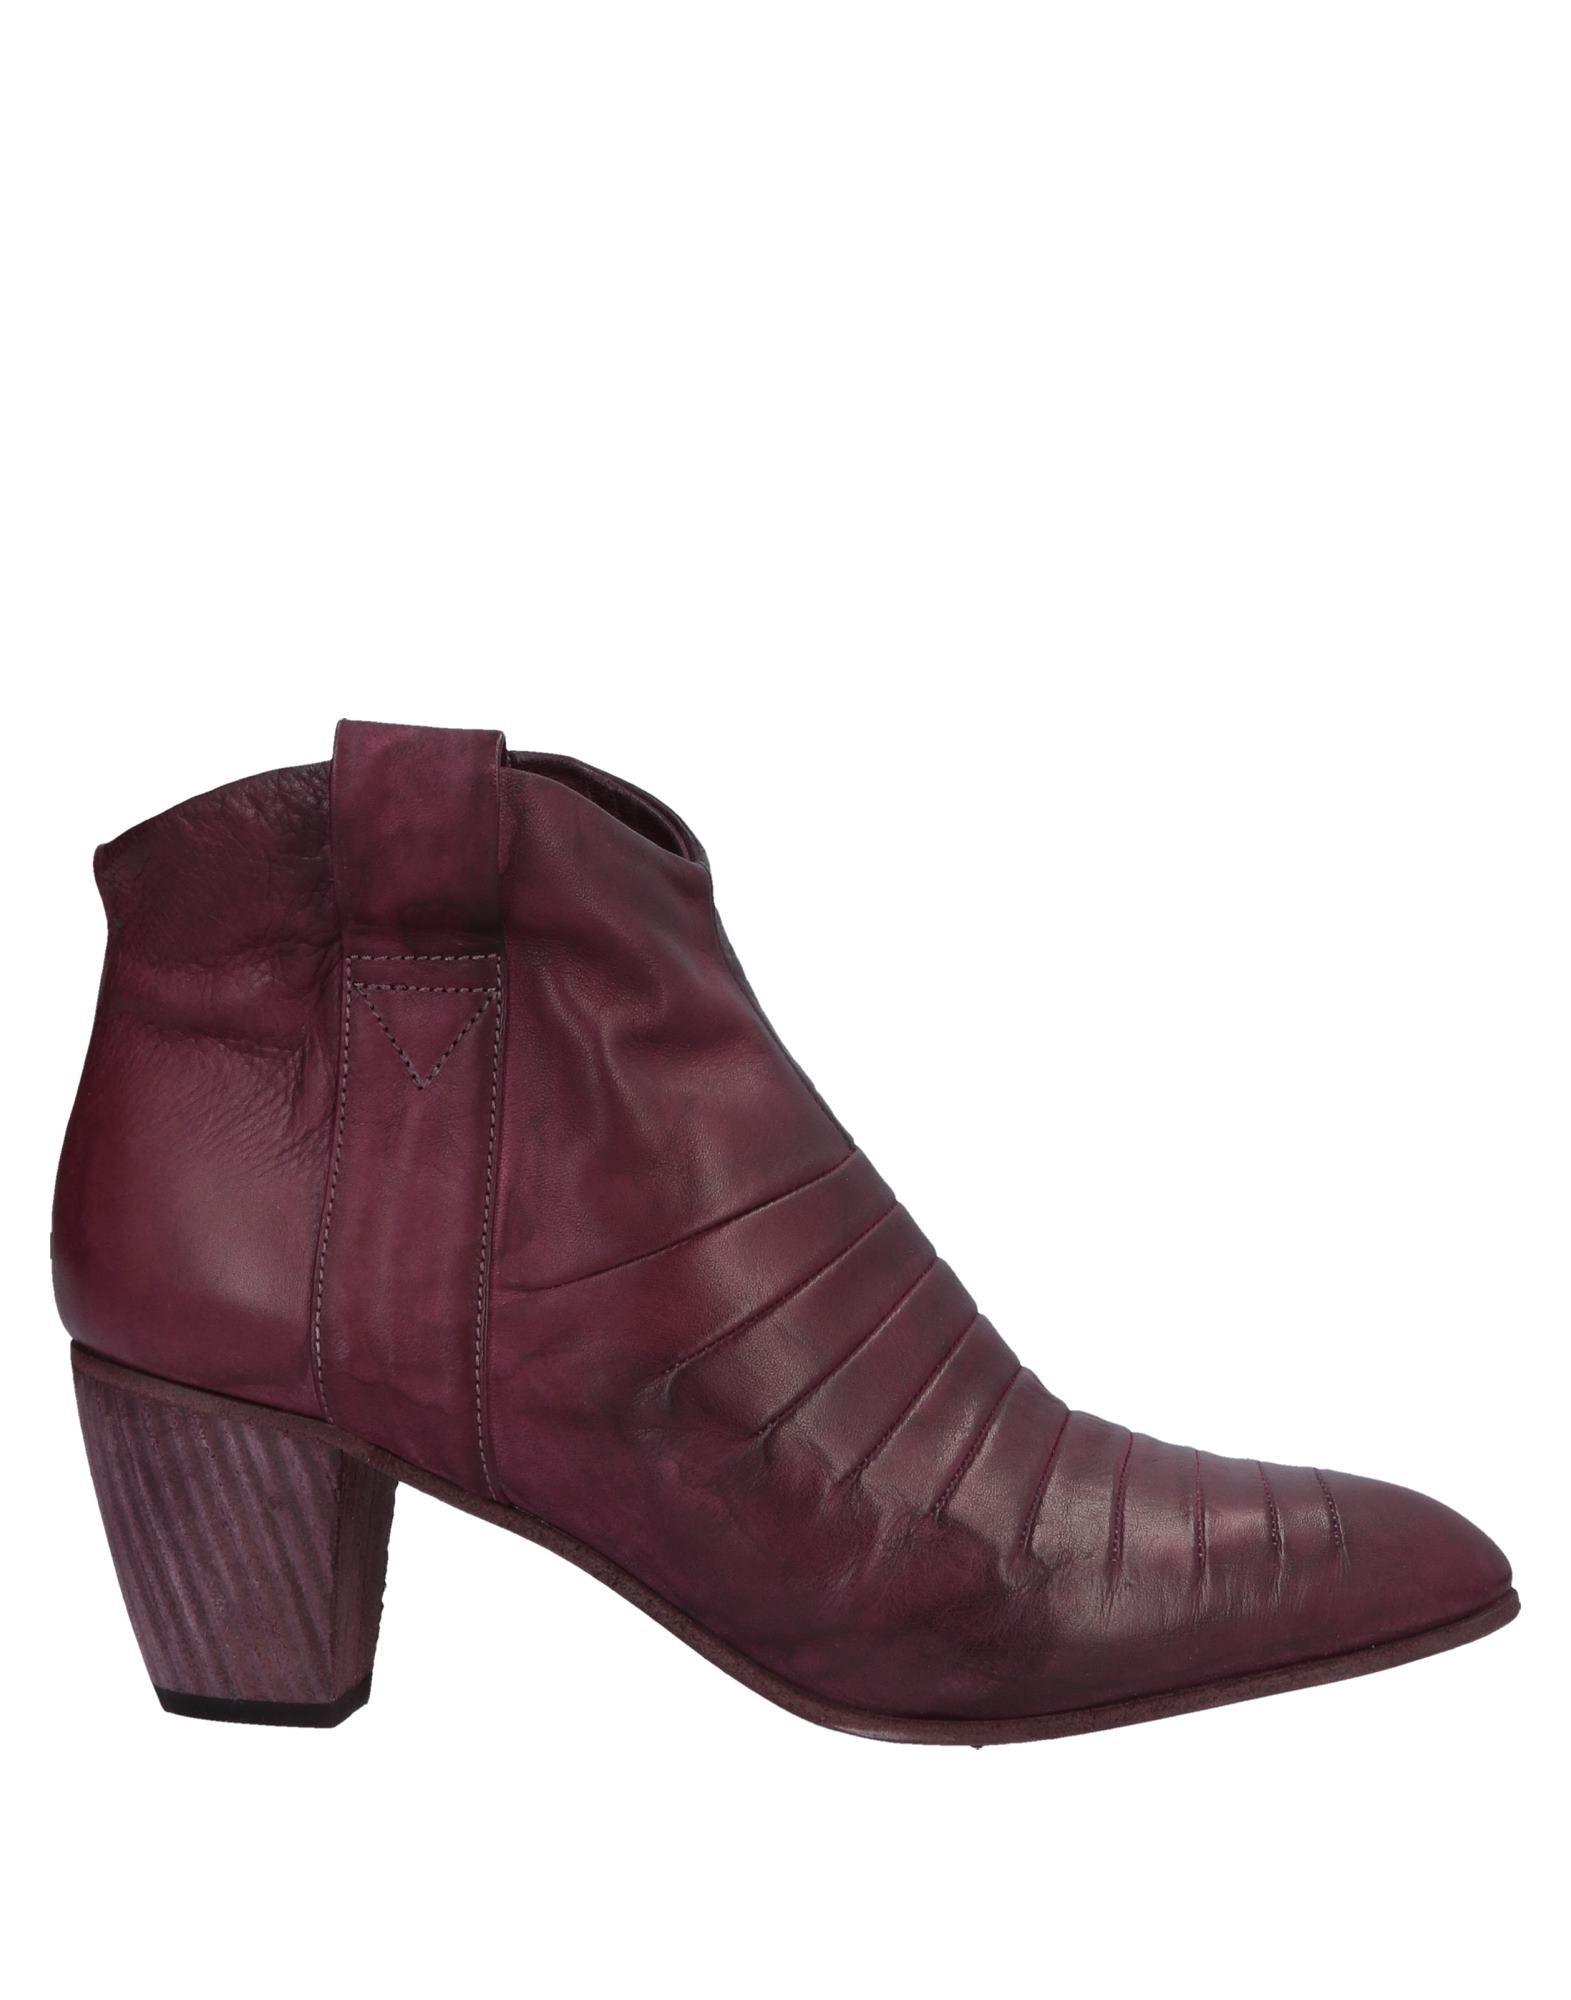 QSP+ QUELQUES SHOES DE PLUS Полусапоги и высокие ботинки d s de полусапоги и высокие ботинки